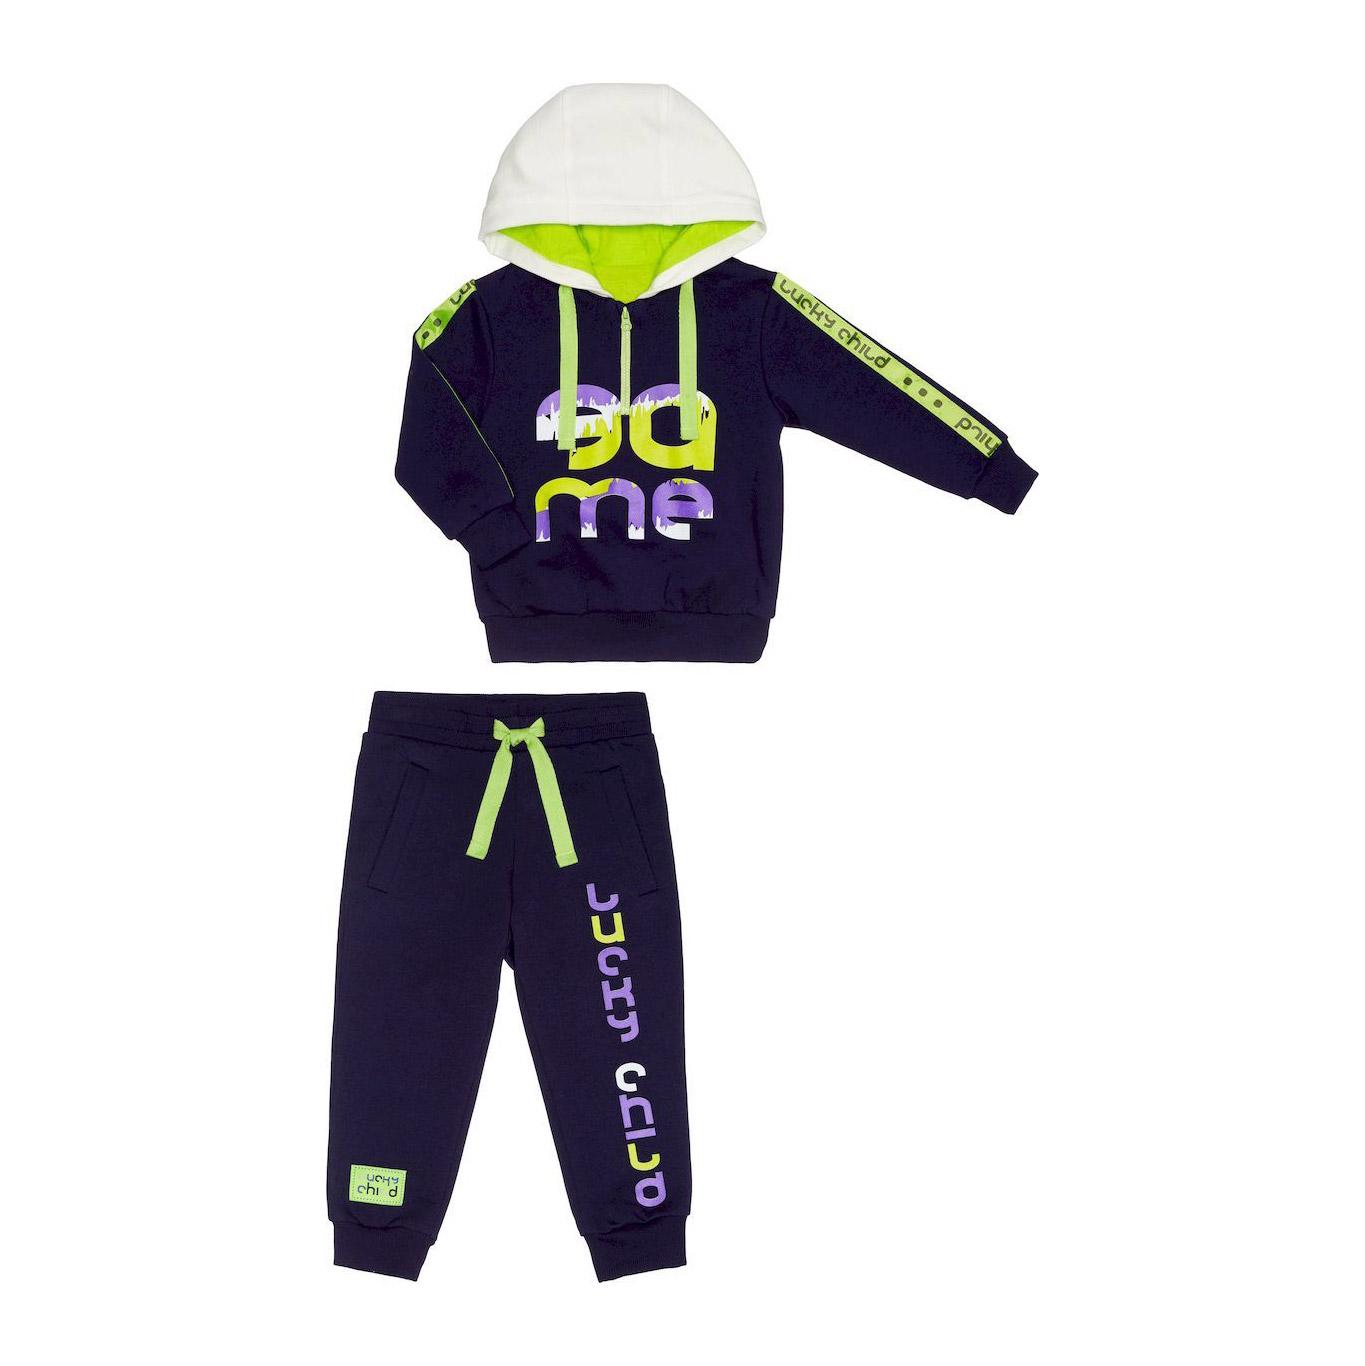 Купить Спортивный костюм Lucky Child 104-110, Синий, Футер, Для мальчиков, Весна-Лето,